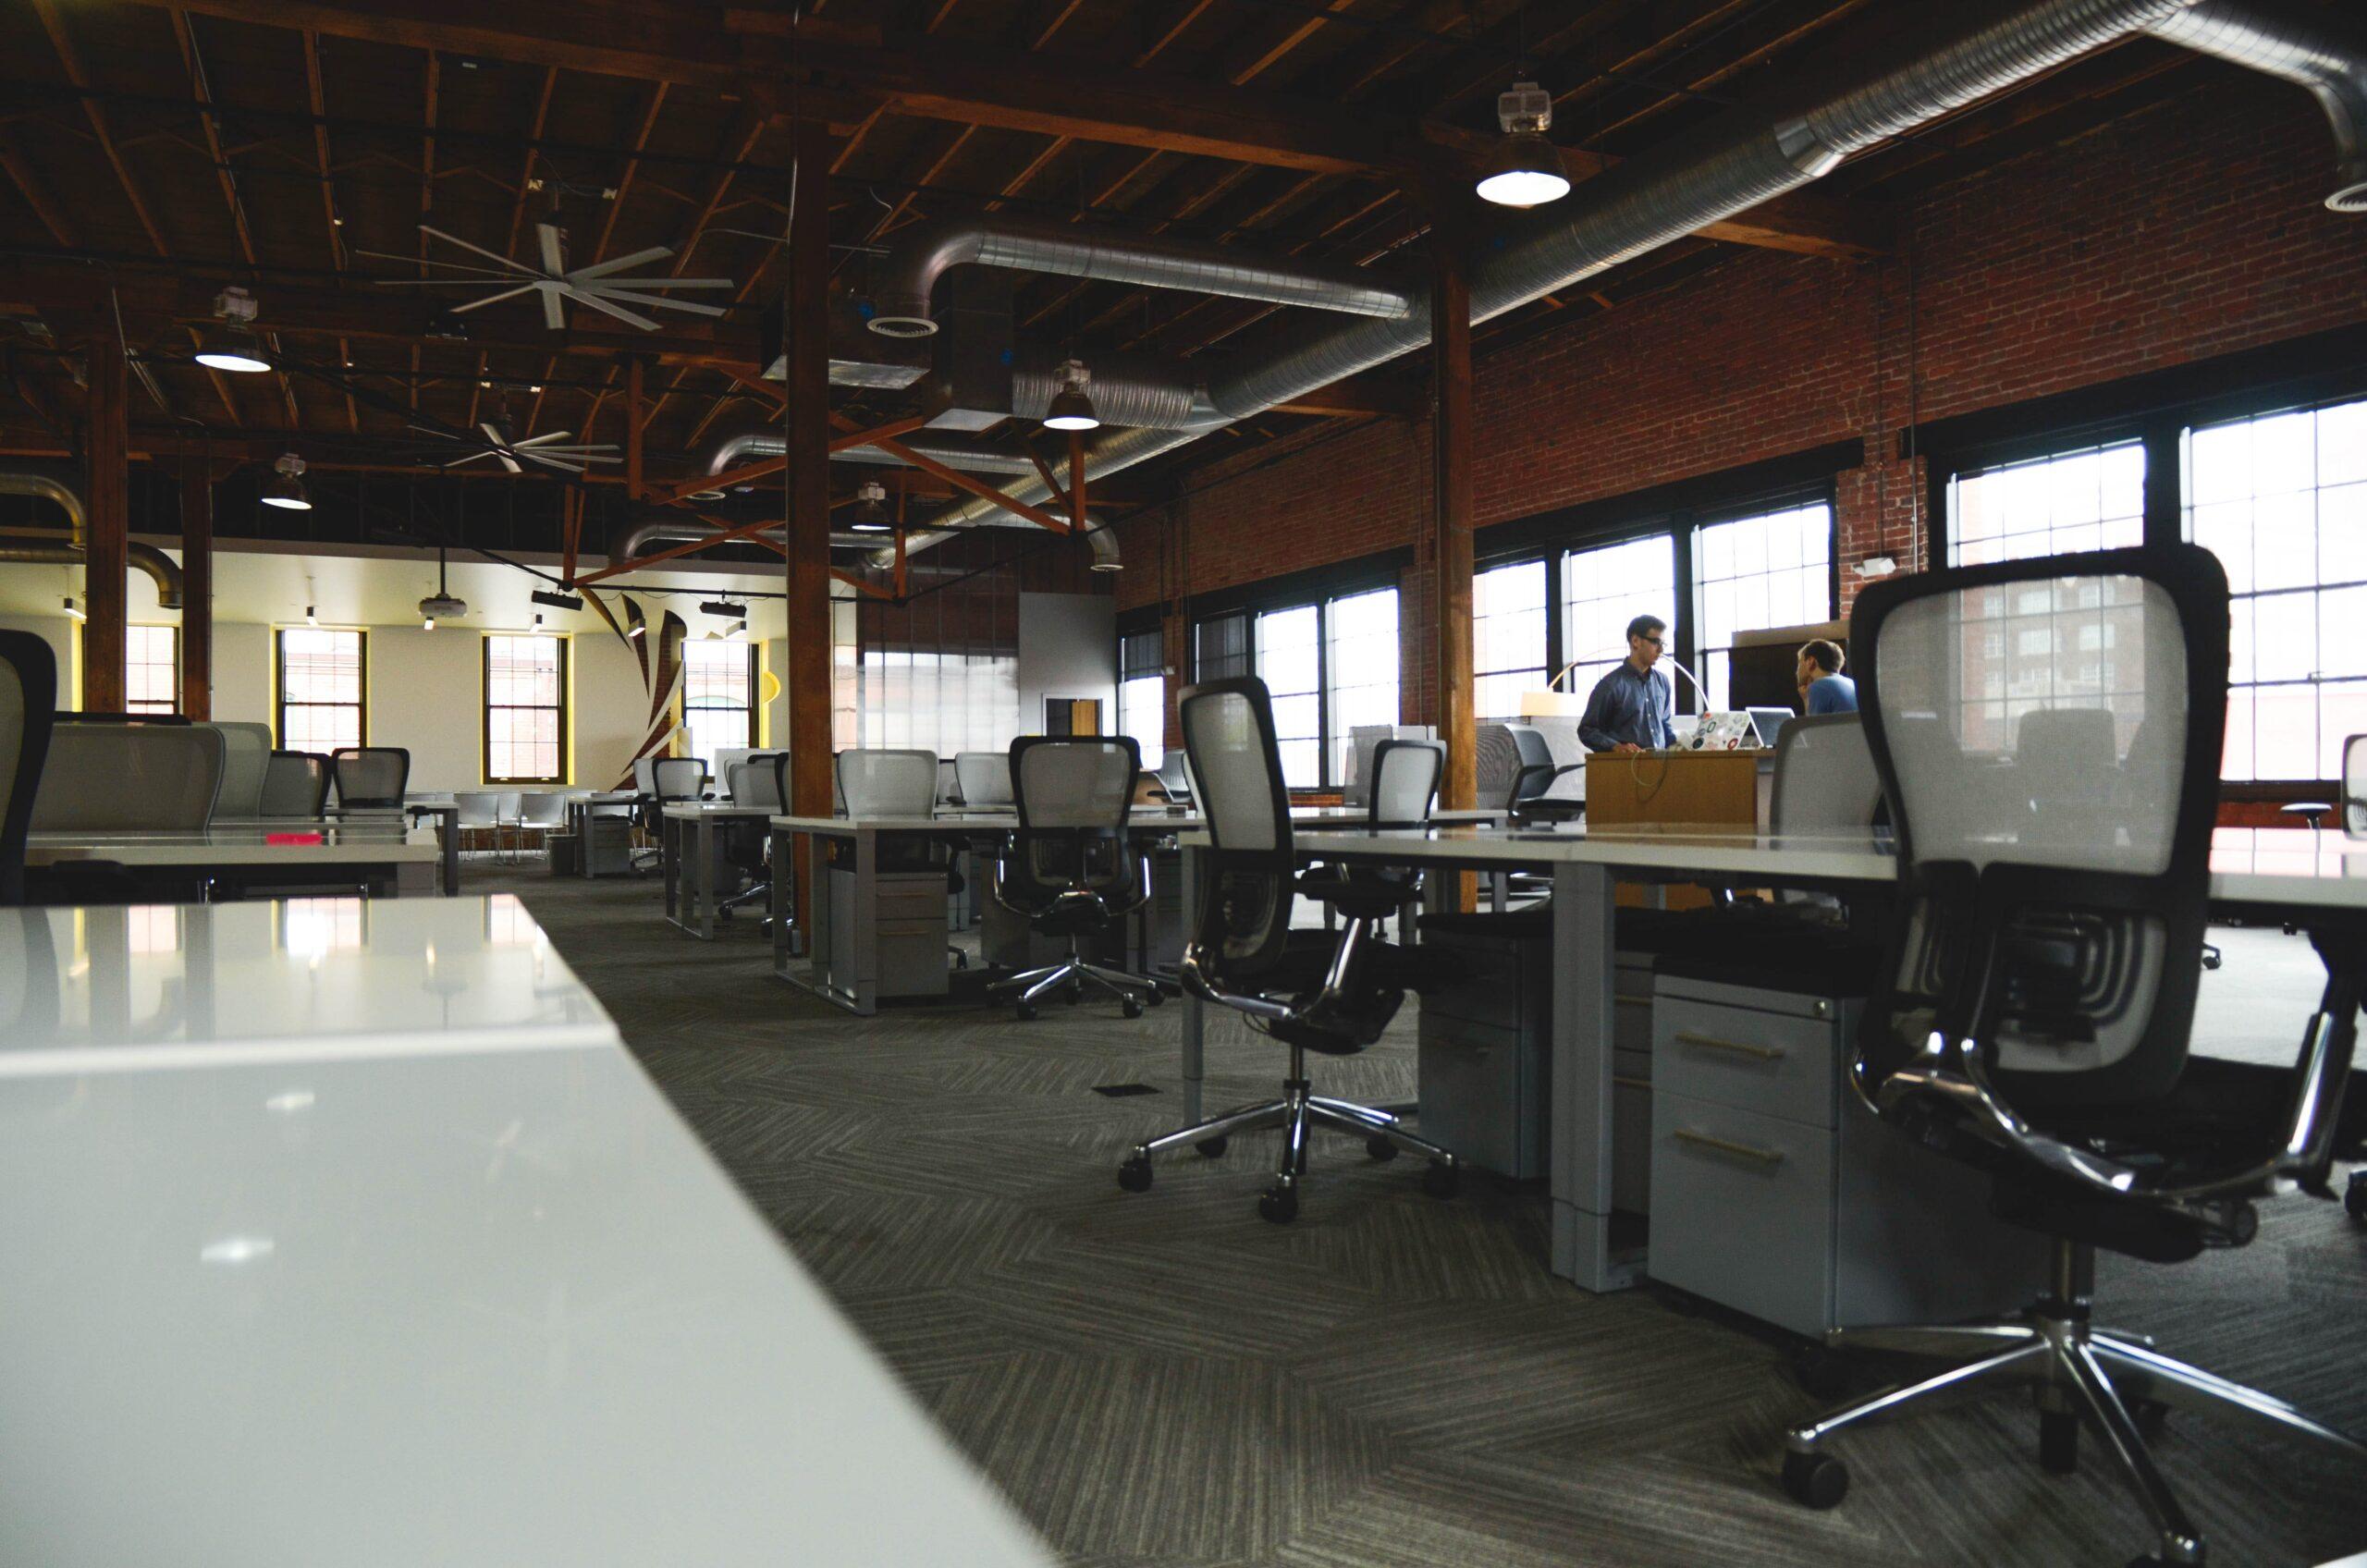 オフィス×BGMのメリット②従業員のストレス軽減につながる